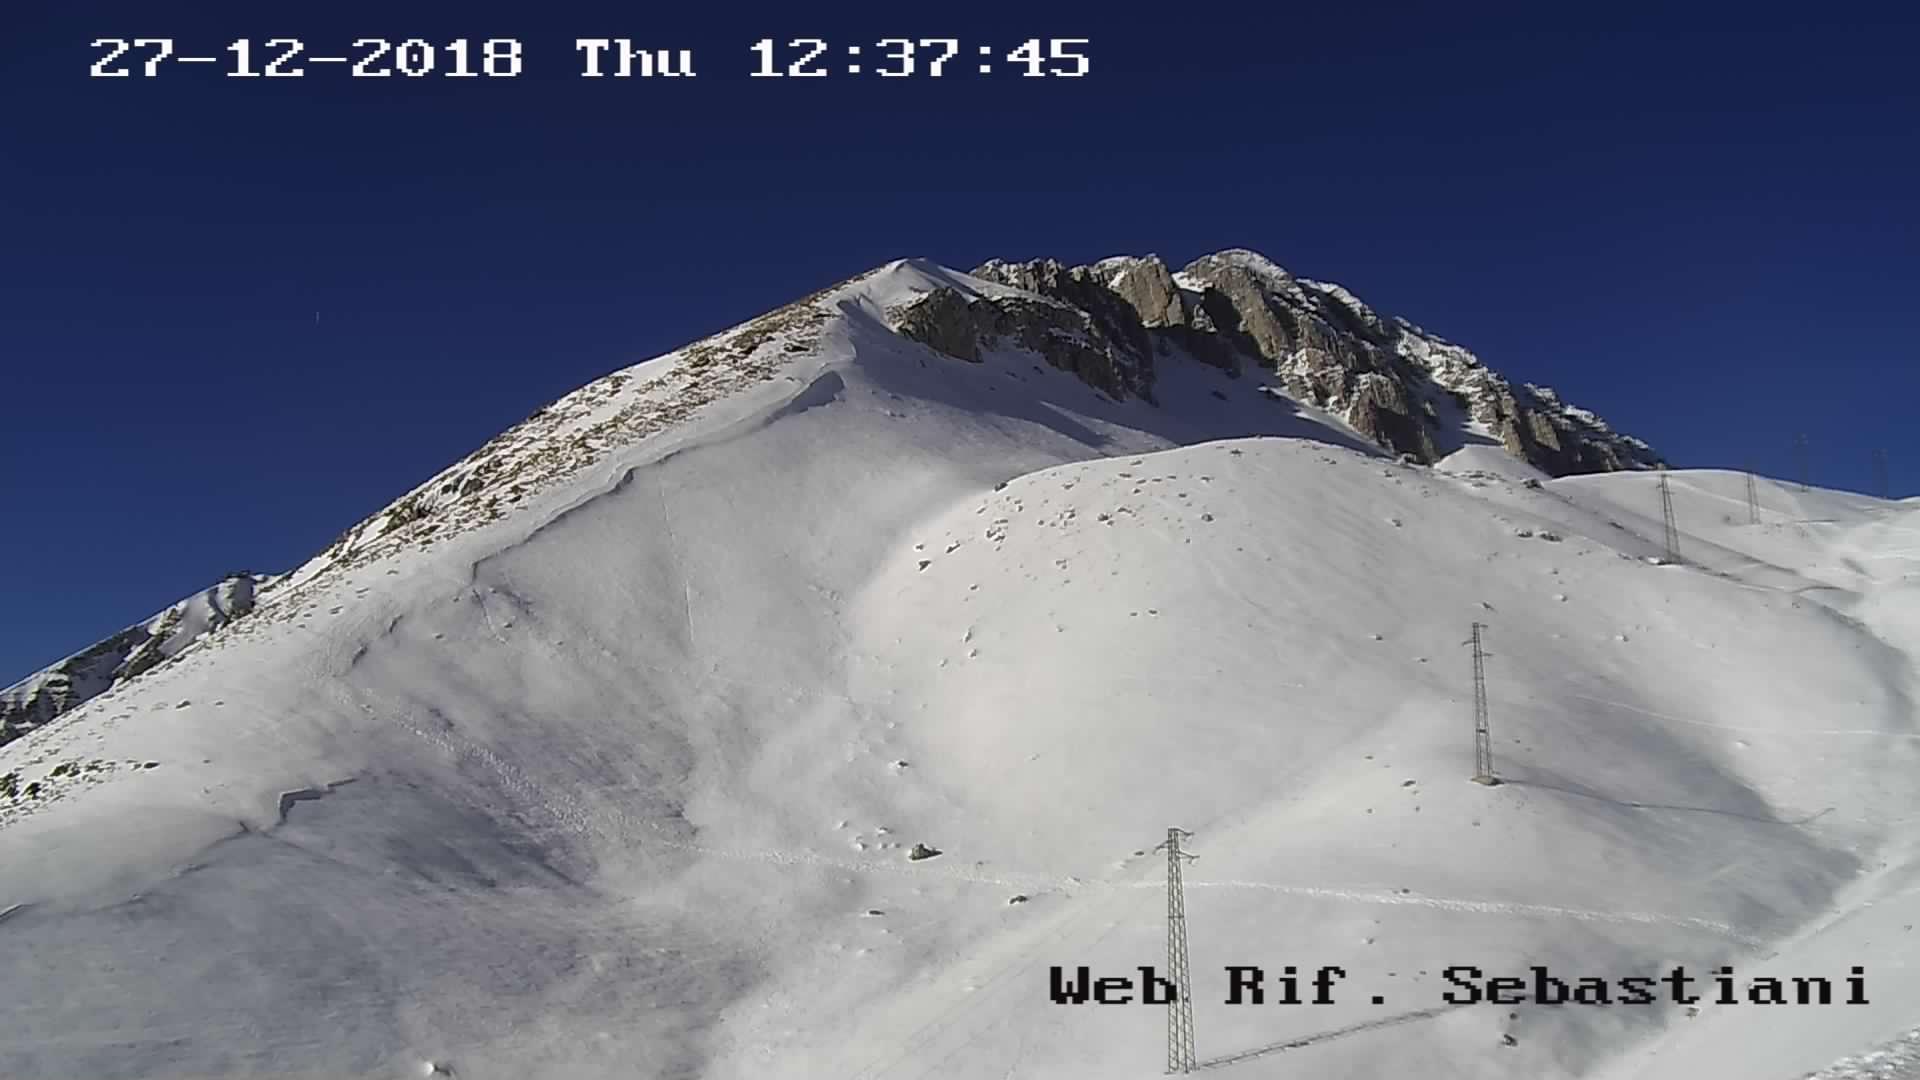 Eccole! tutte le webcam del Centro Italia!!-192.168.0.2_01_20181227123746053_timing.jpg